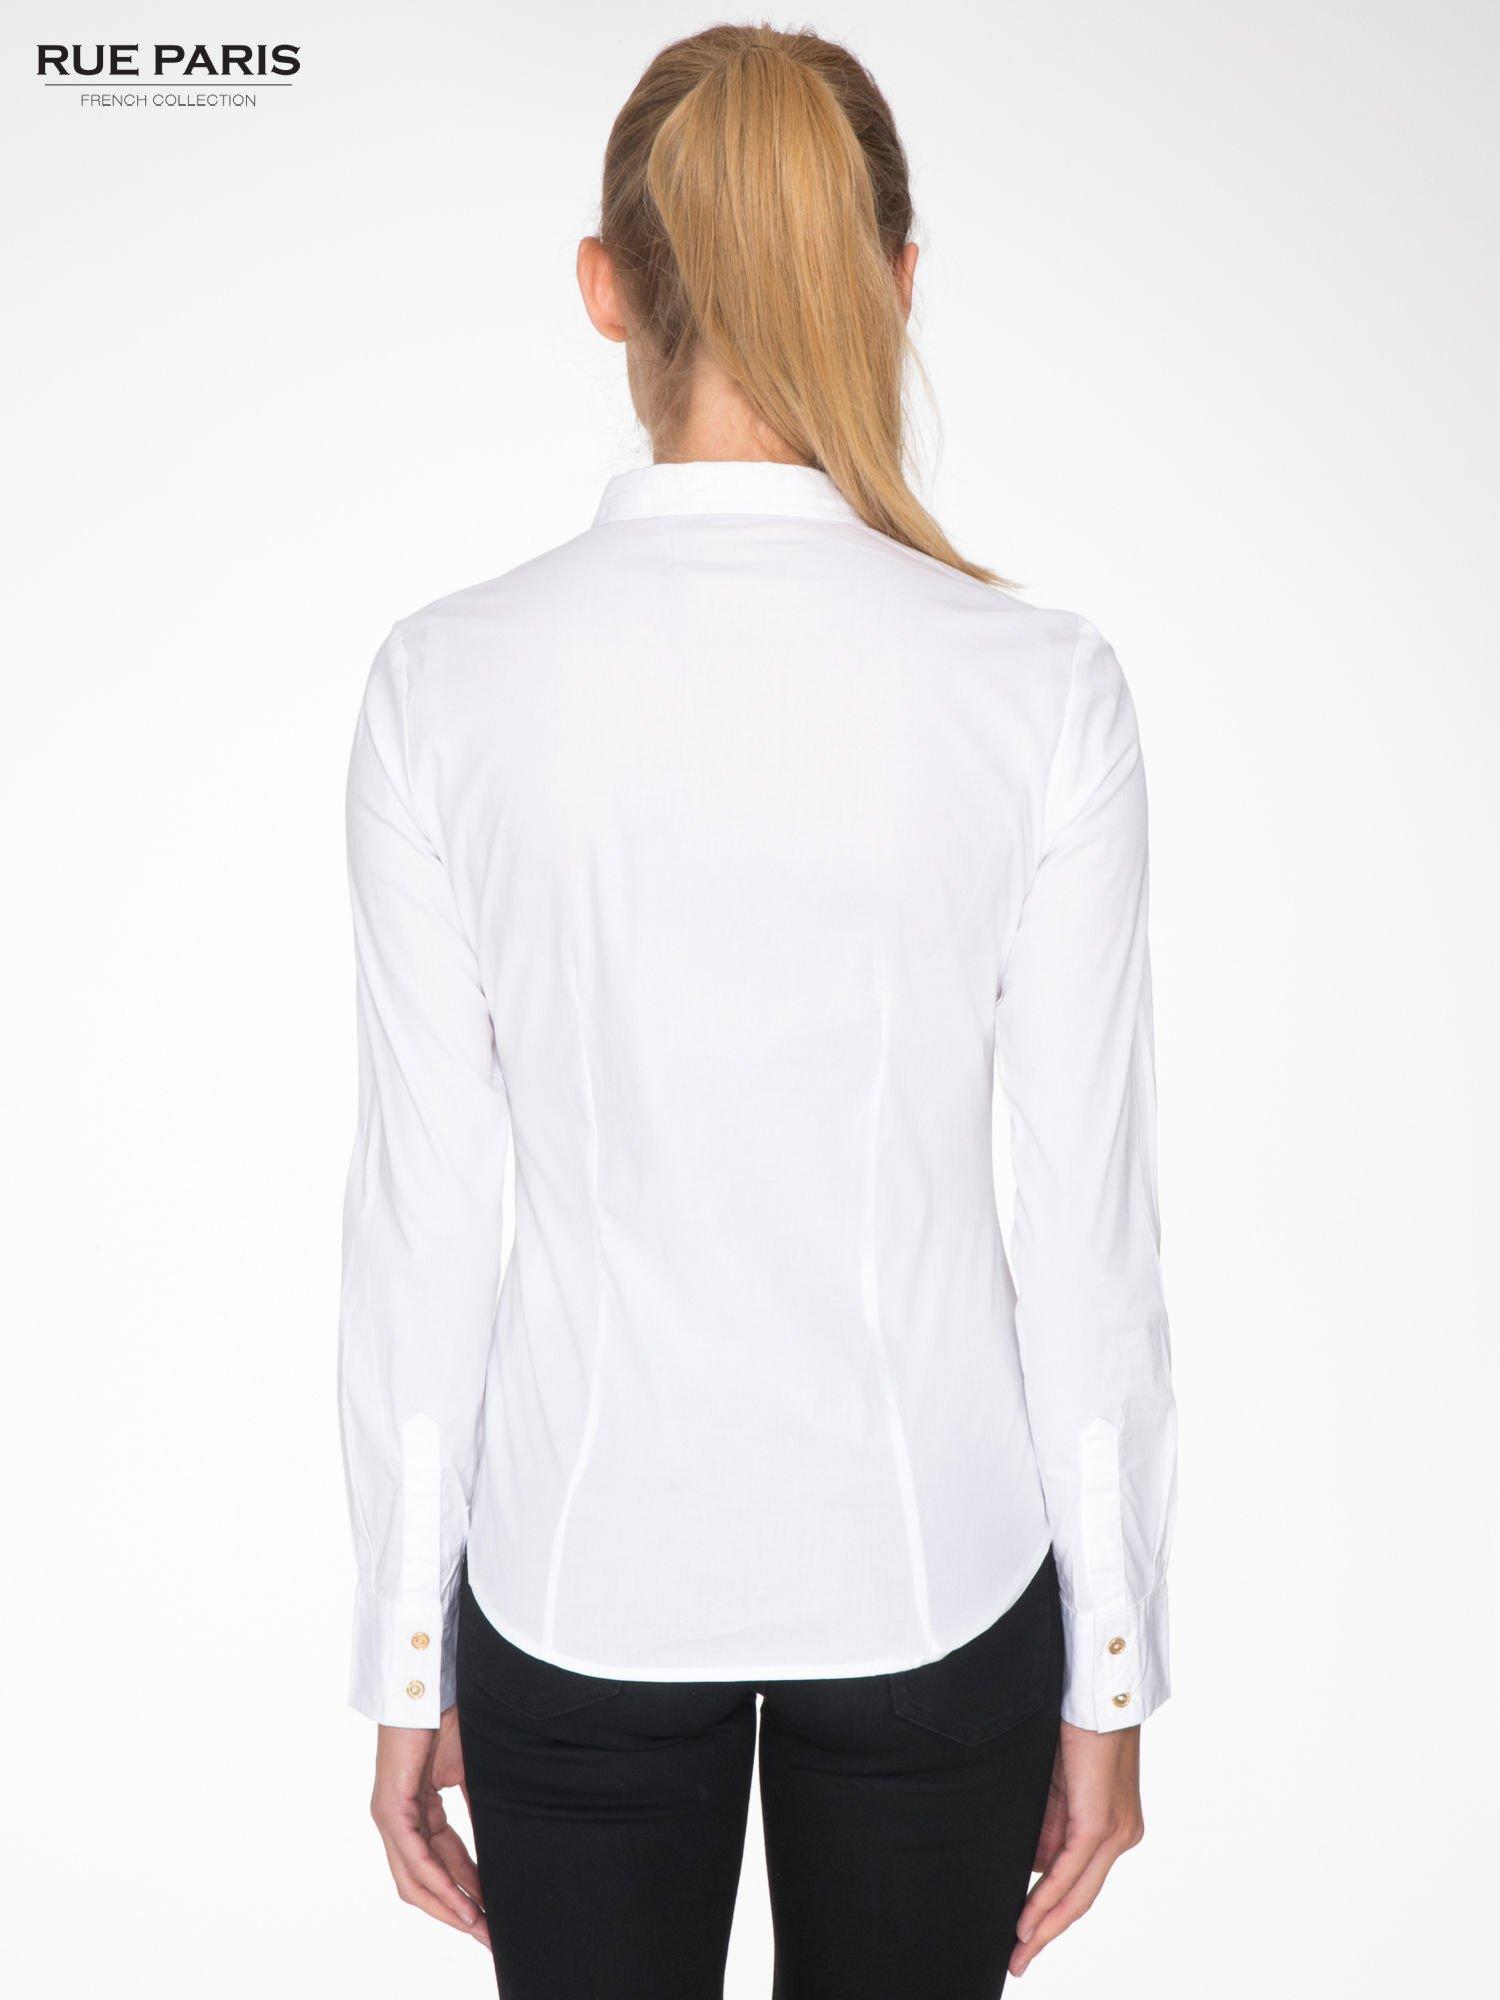 Biała koszula damska odcinana pod biustem z marszczeniem                                  zdj.                                  4